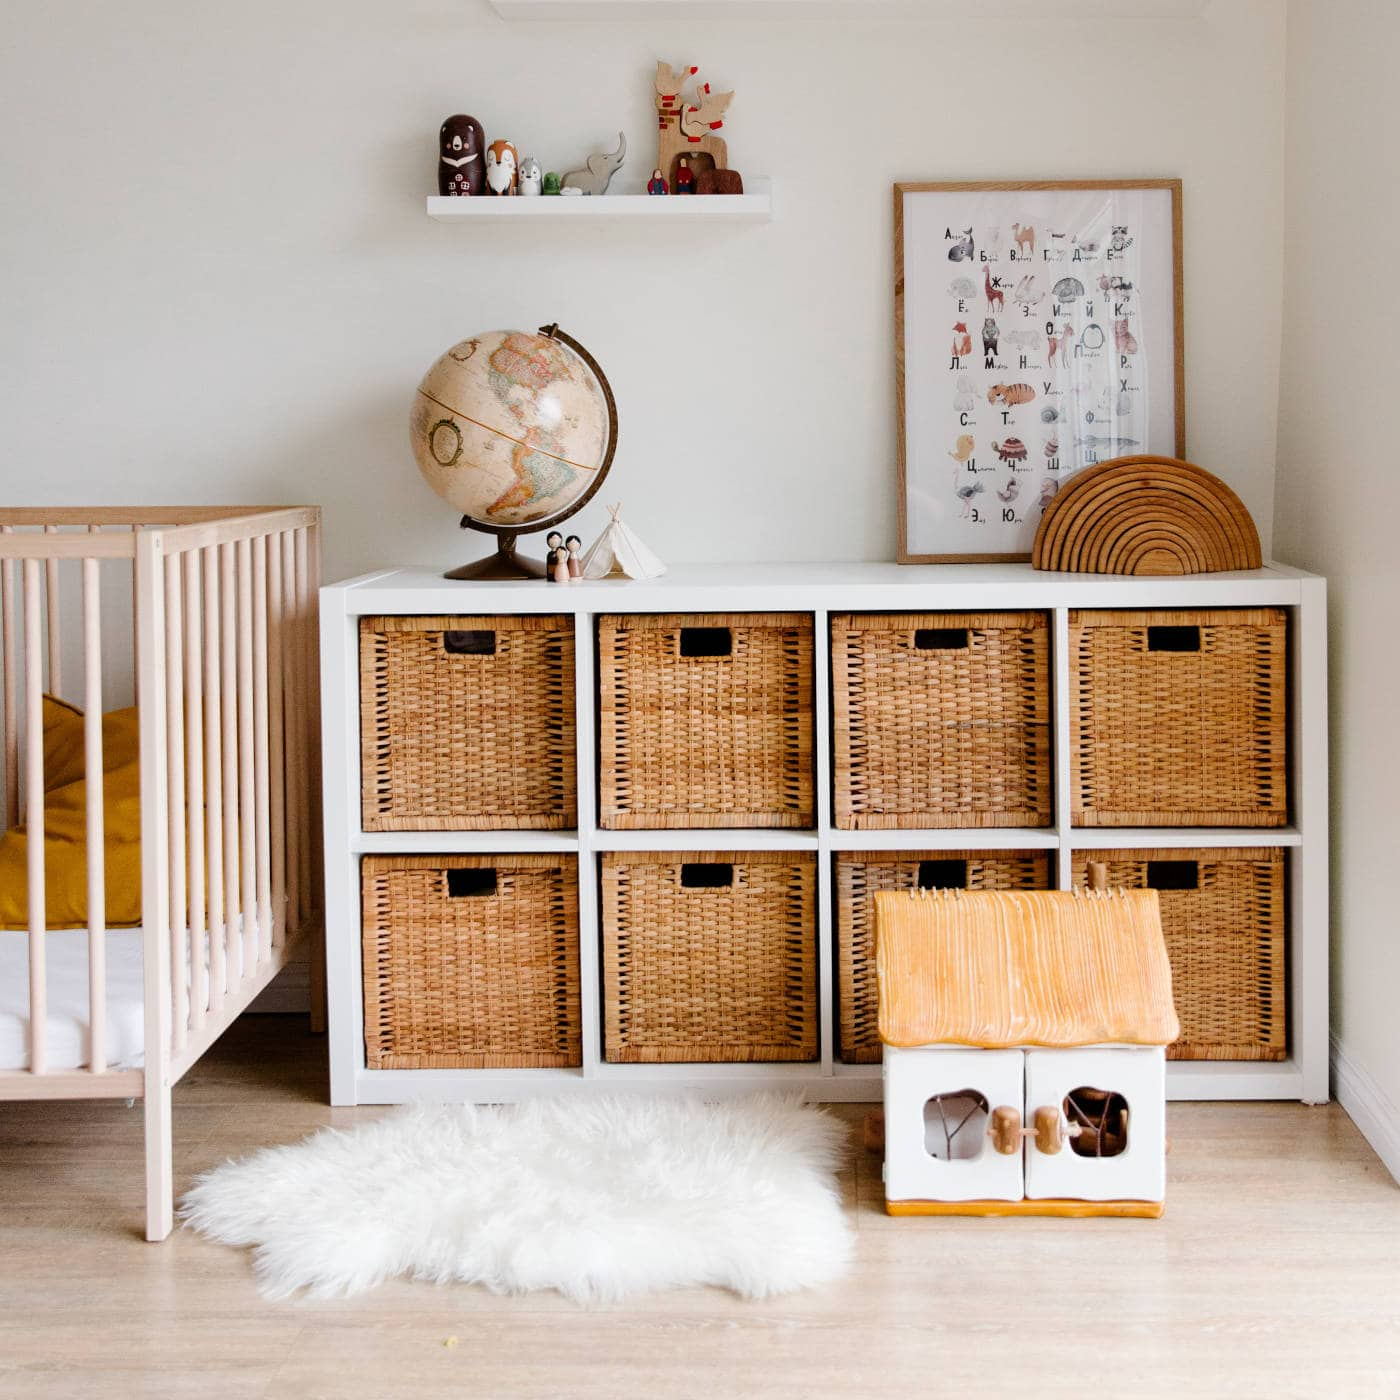 Kinderzimmer einrichten: Wo es schöne Kindermöbel in München gibt // HIMBEER